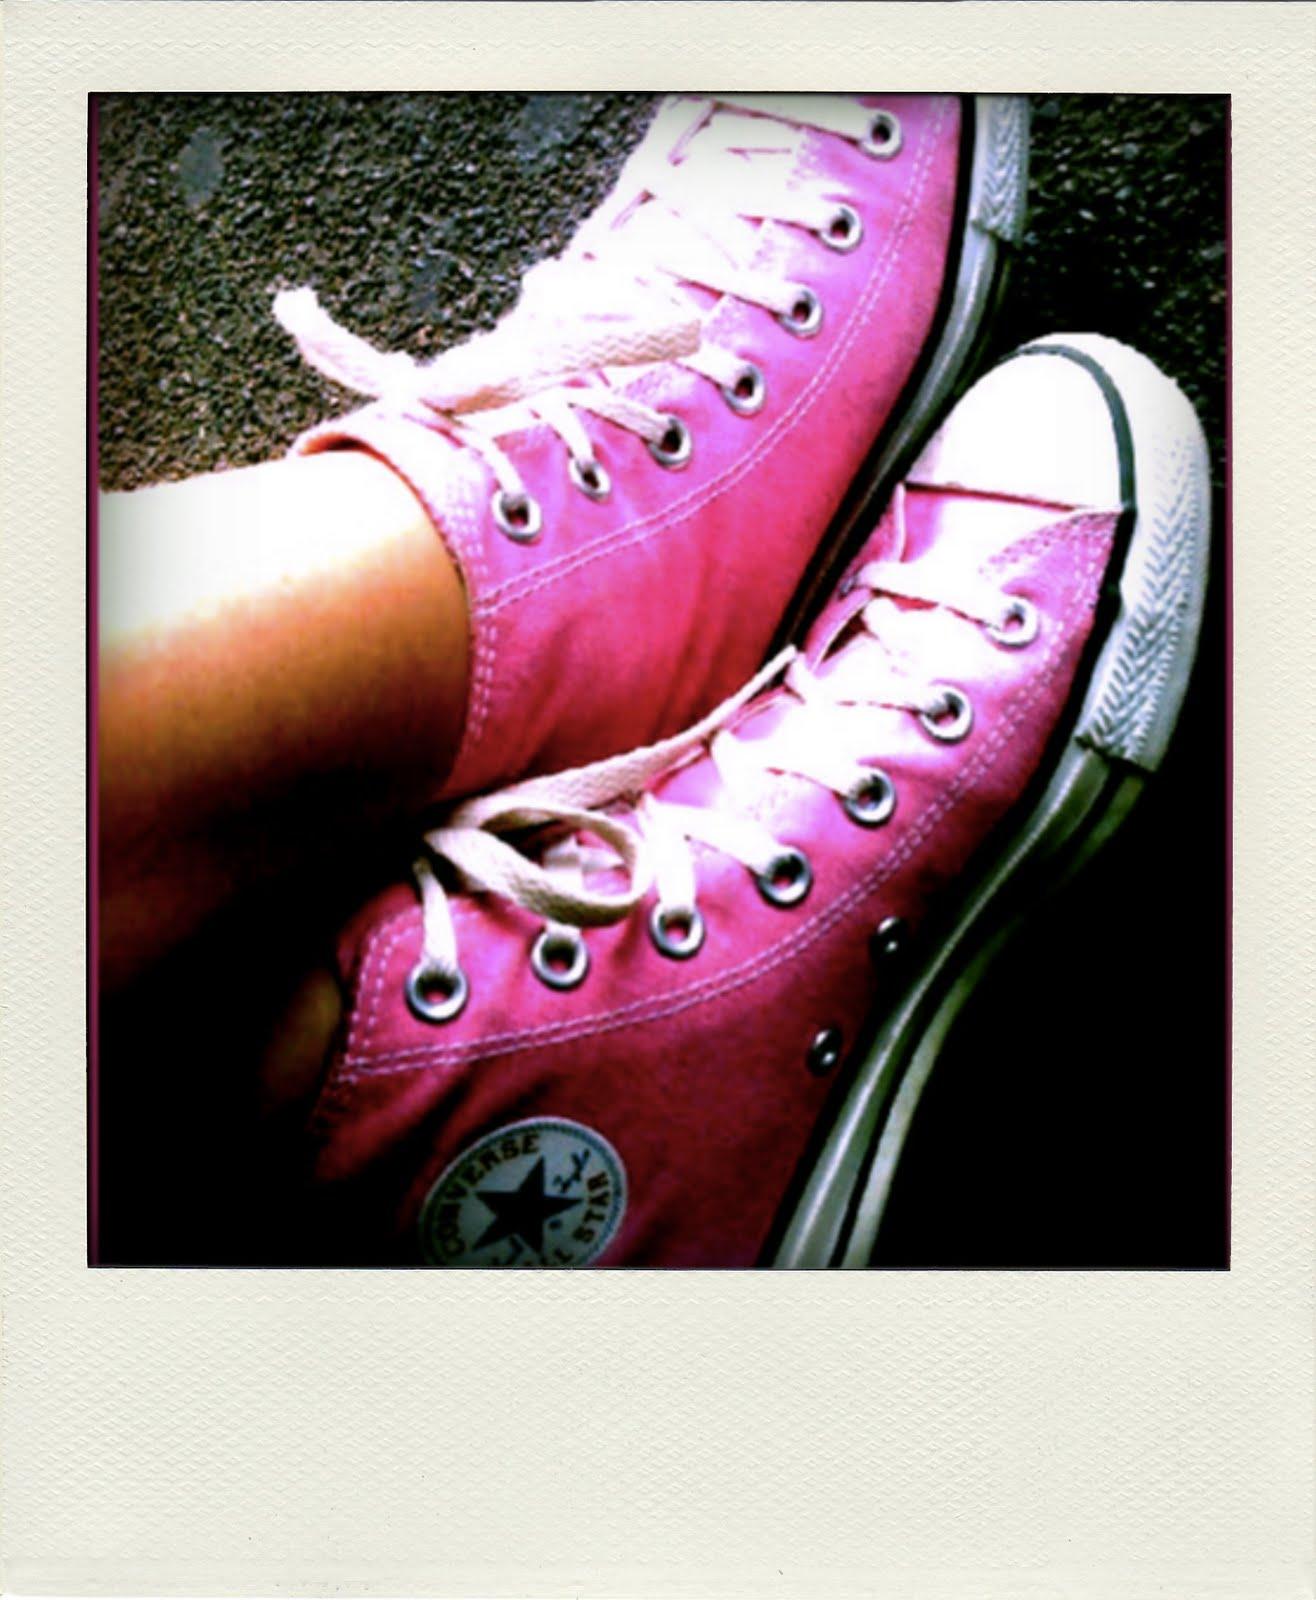 http://2.bp.blogspot.com/_UqWMaXpBaU0/S_XkS_MTTZI/AAAAAAAAAZE/EFp8r3KkPLw/s1600/High+Top+Pink+Converse-pola.jpg#pink%20converse%201316x1600